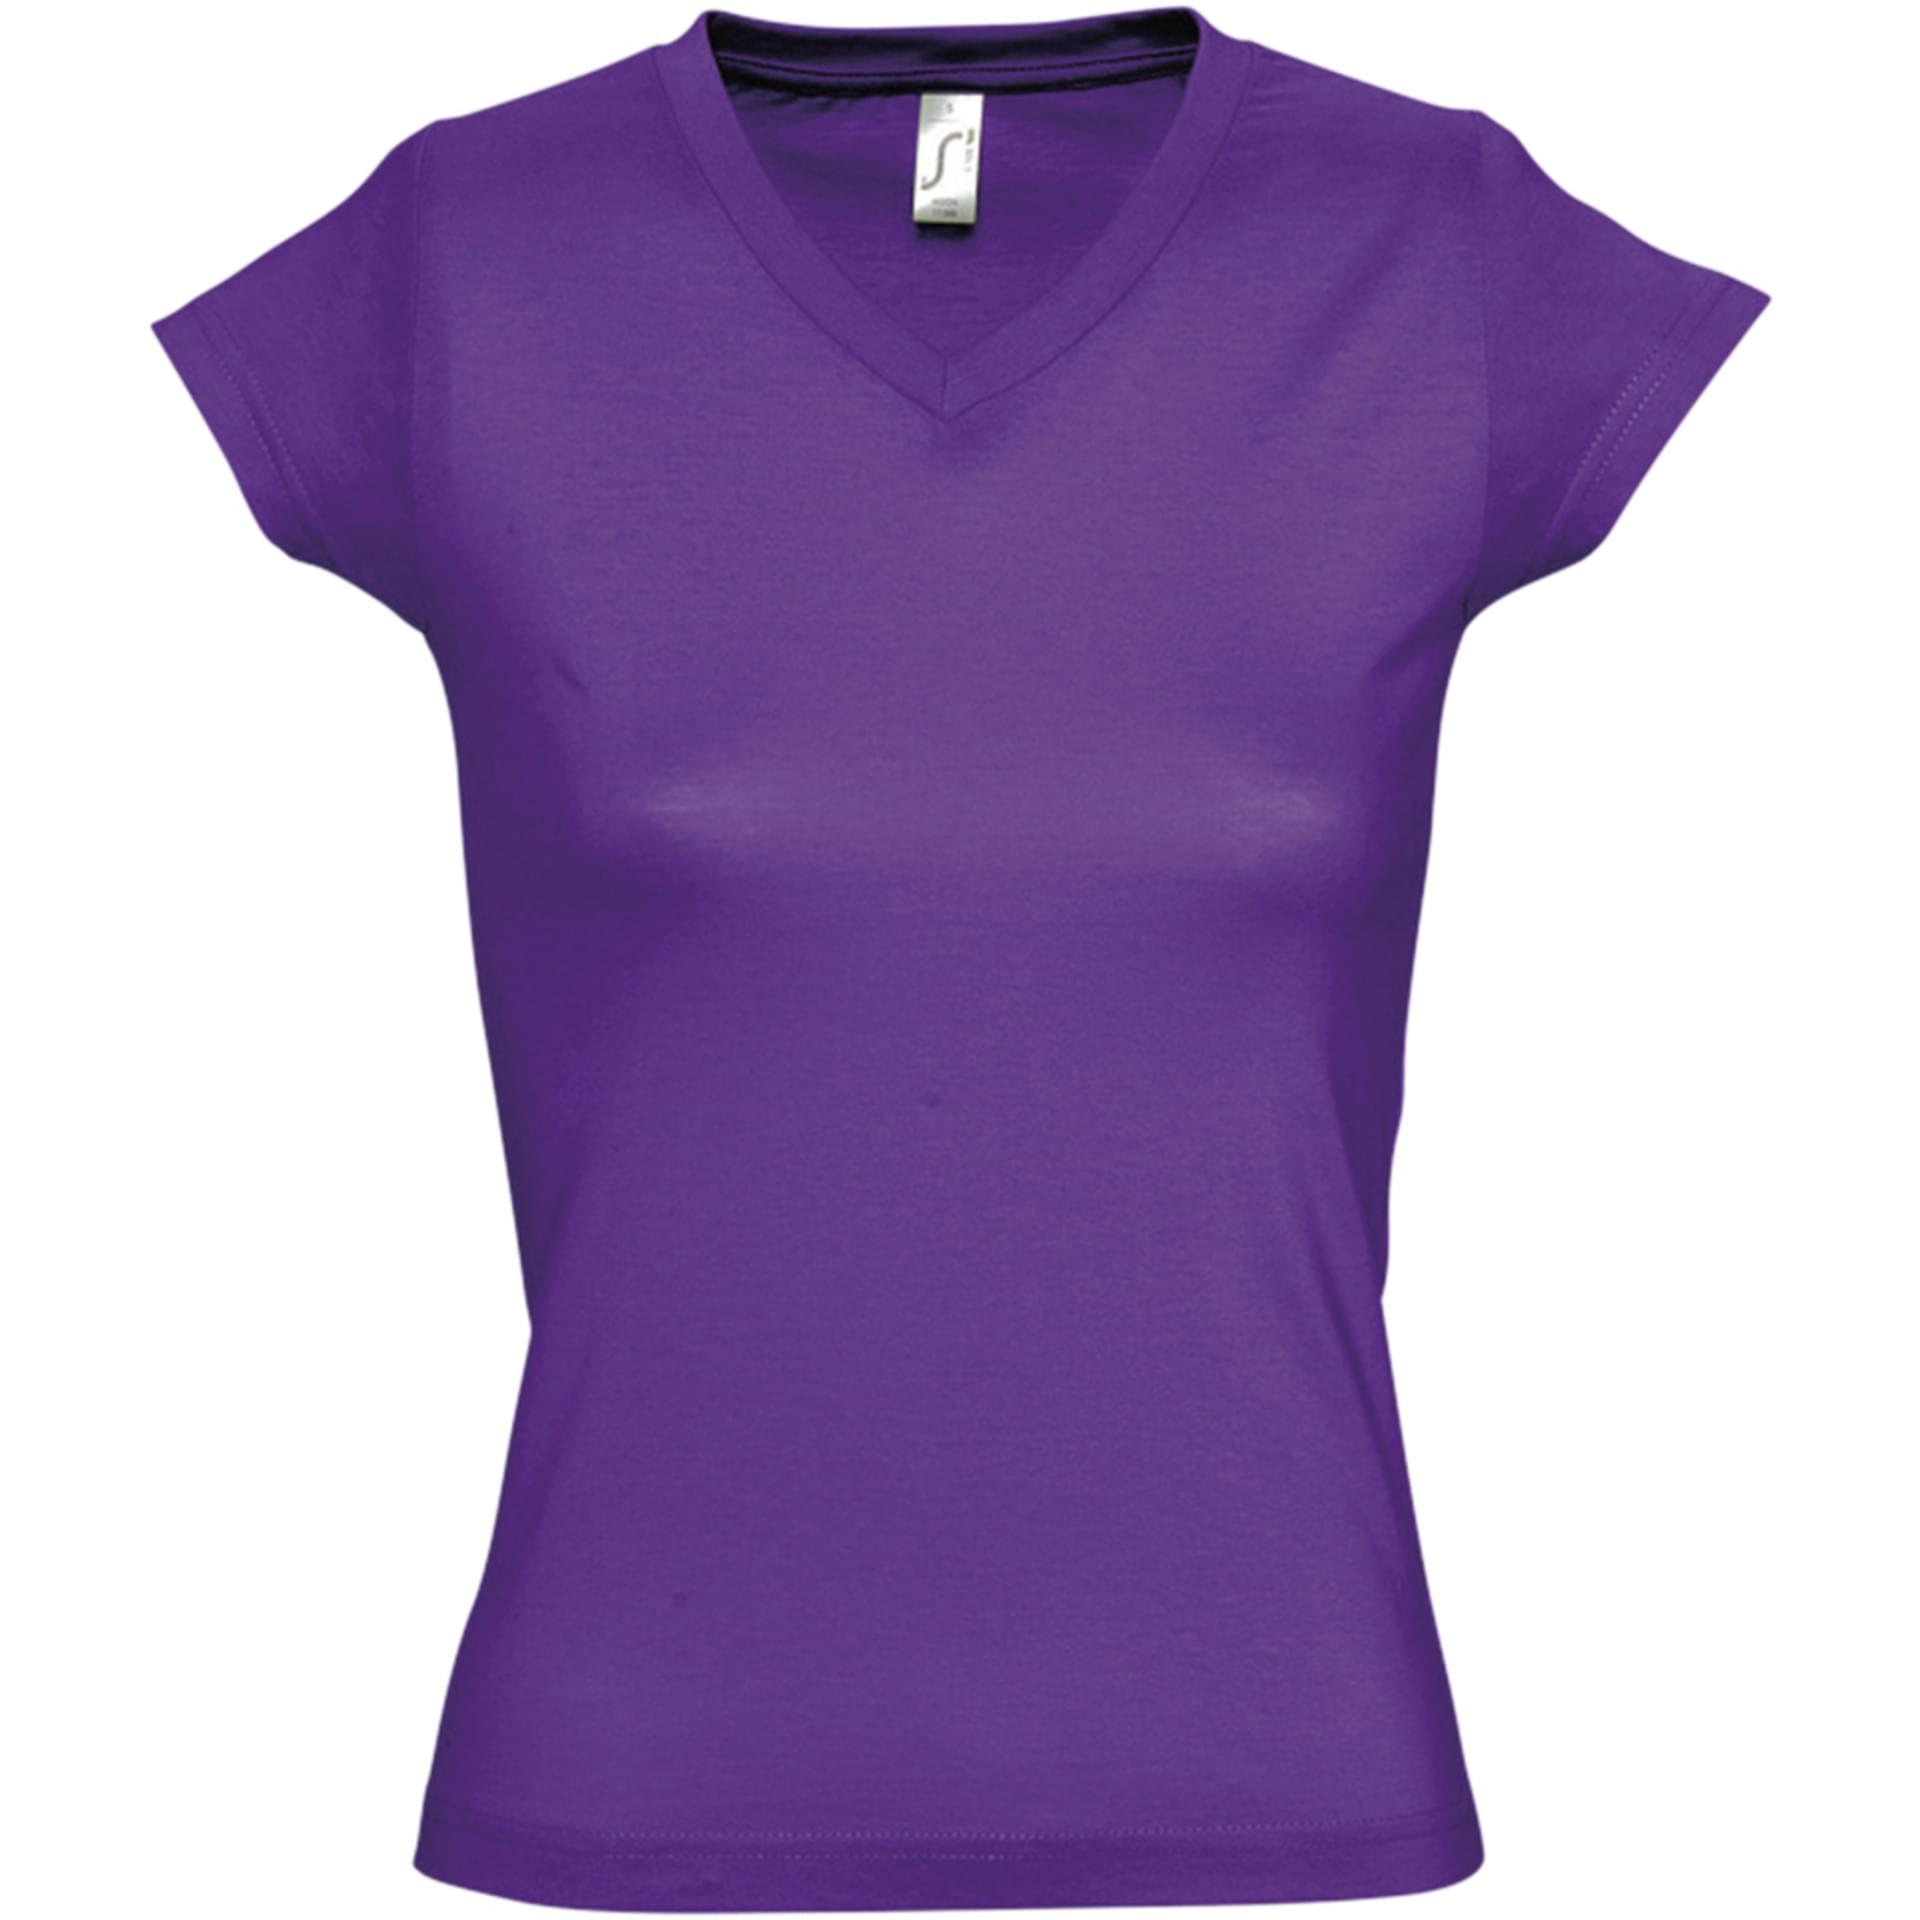 Tee shirt personnalis moon sol 39 s violet fonce - Couleur violet fonce ...